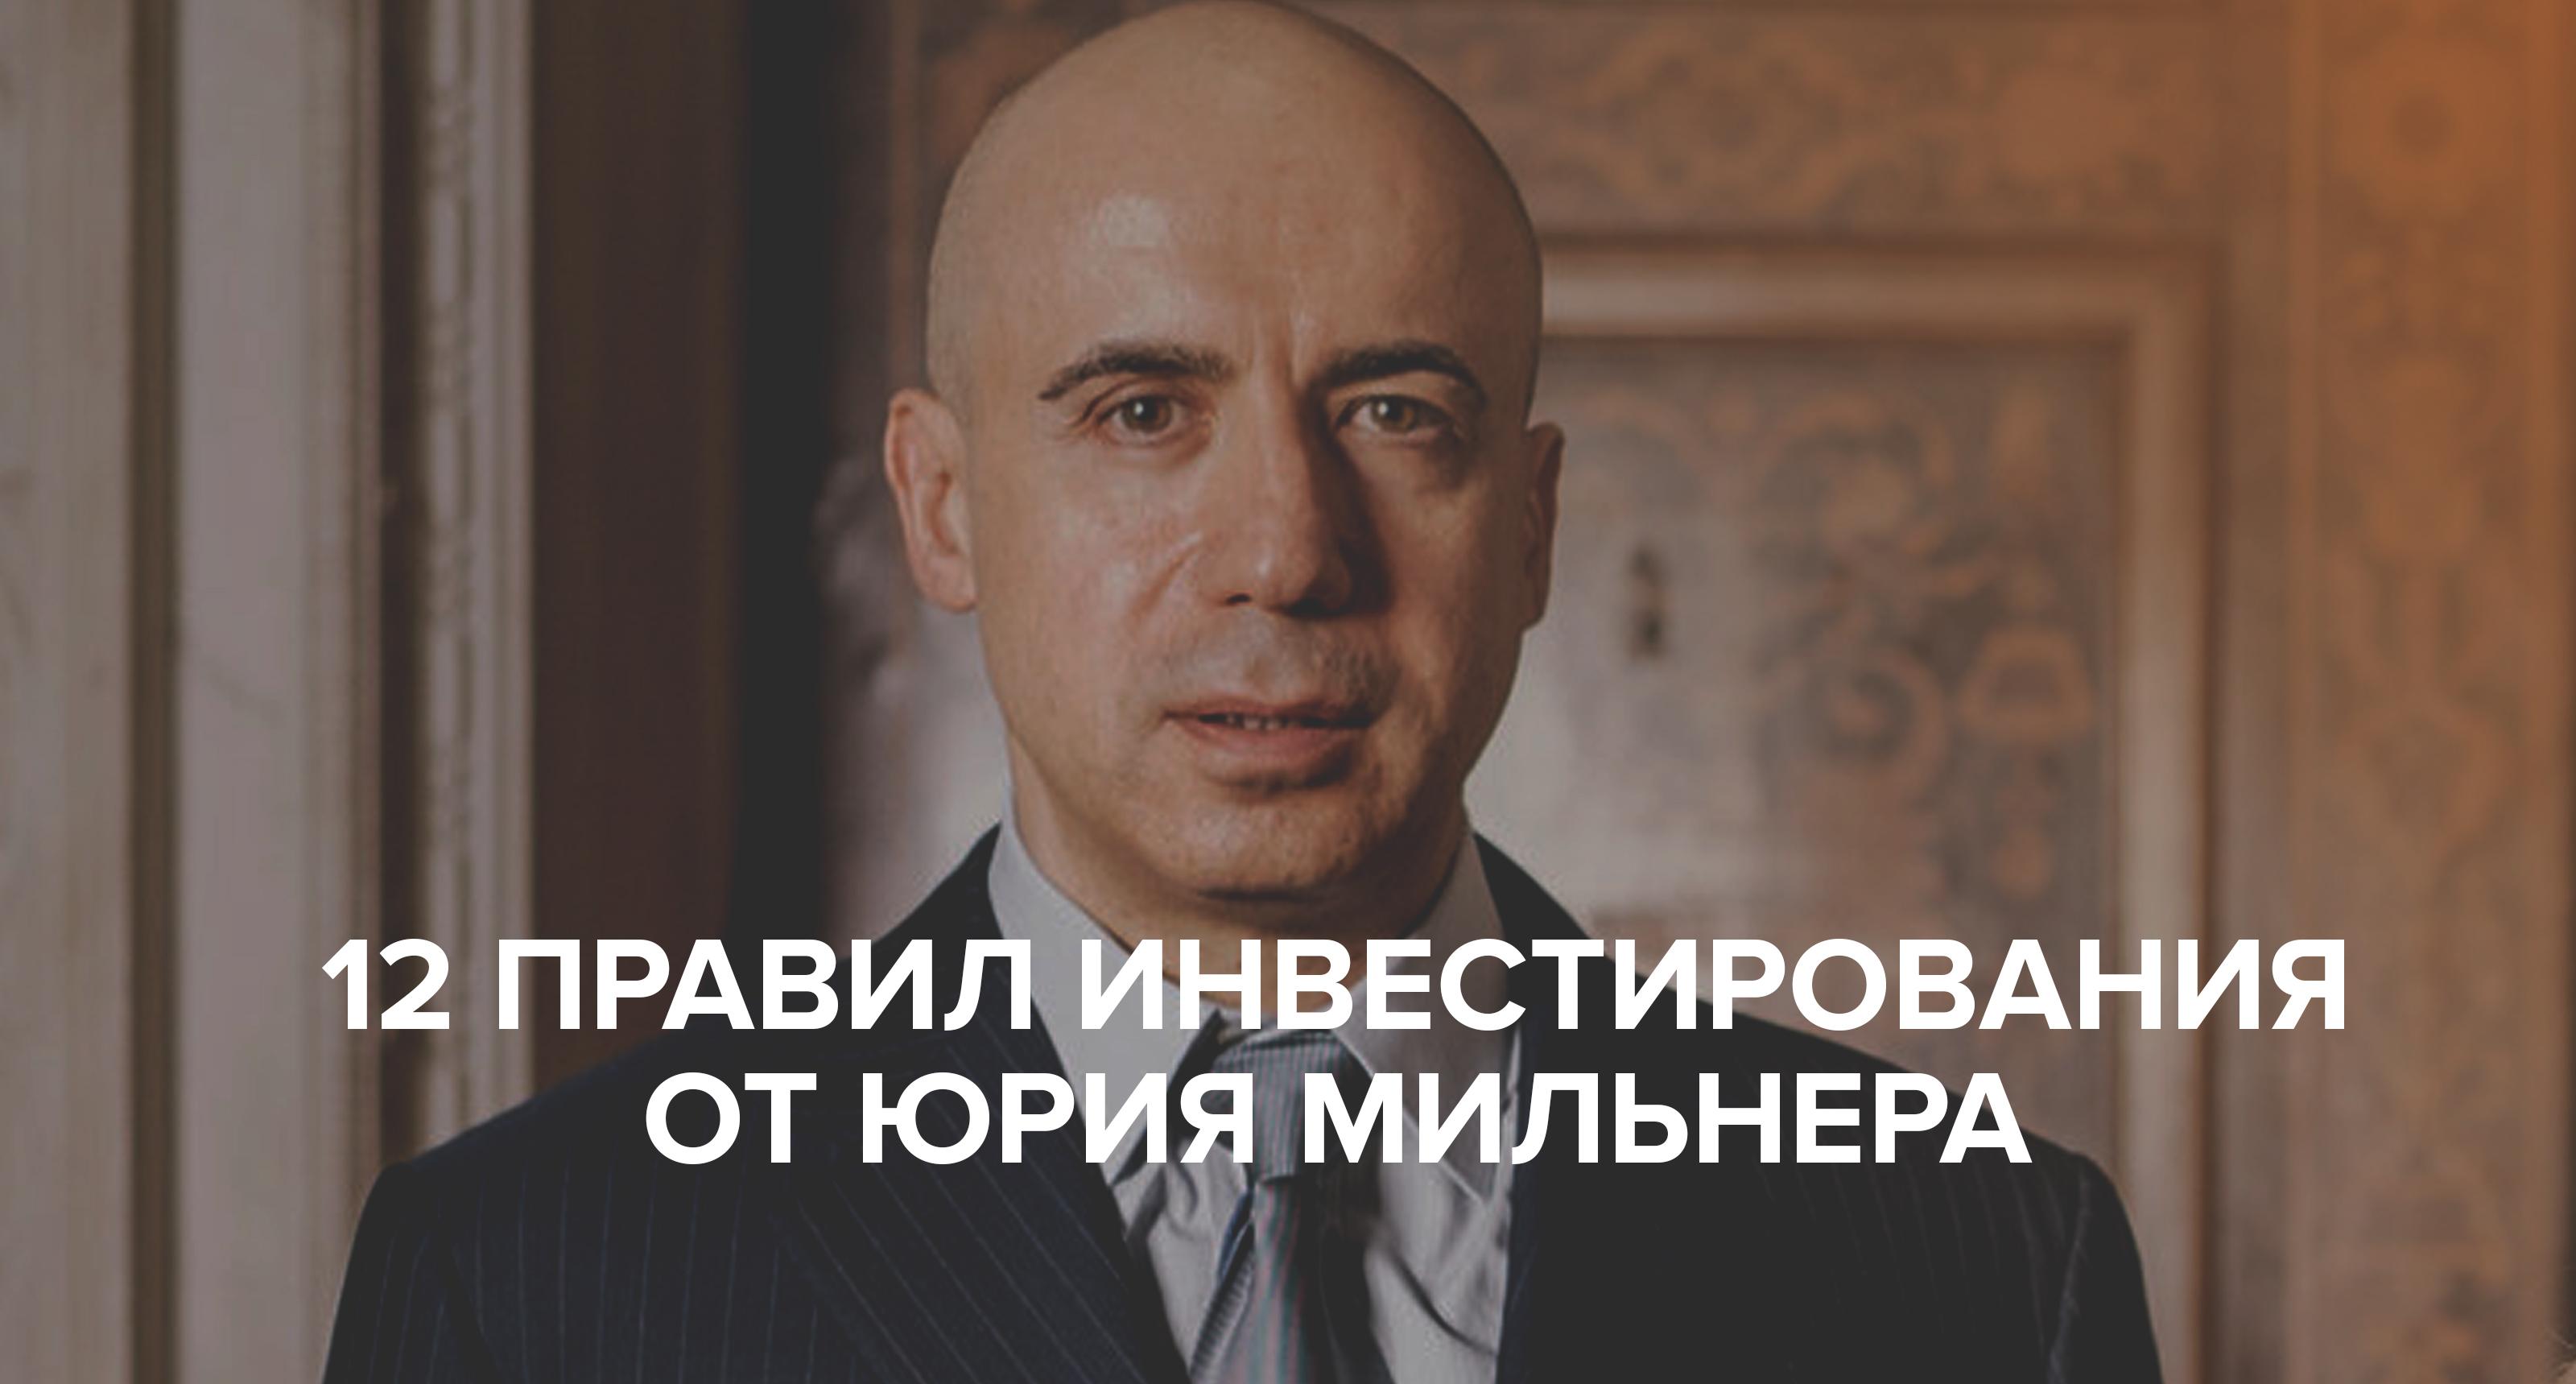 12 правил инвестирования от Юрия Мильнера | Rusbase